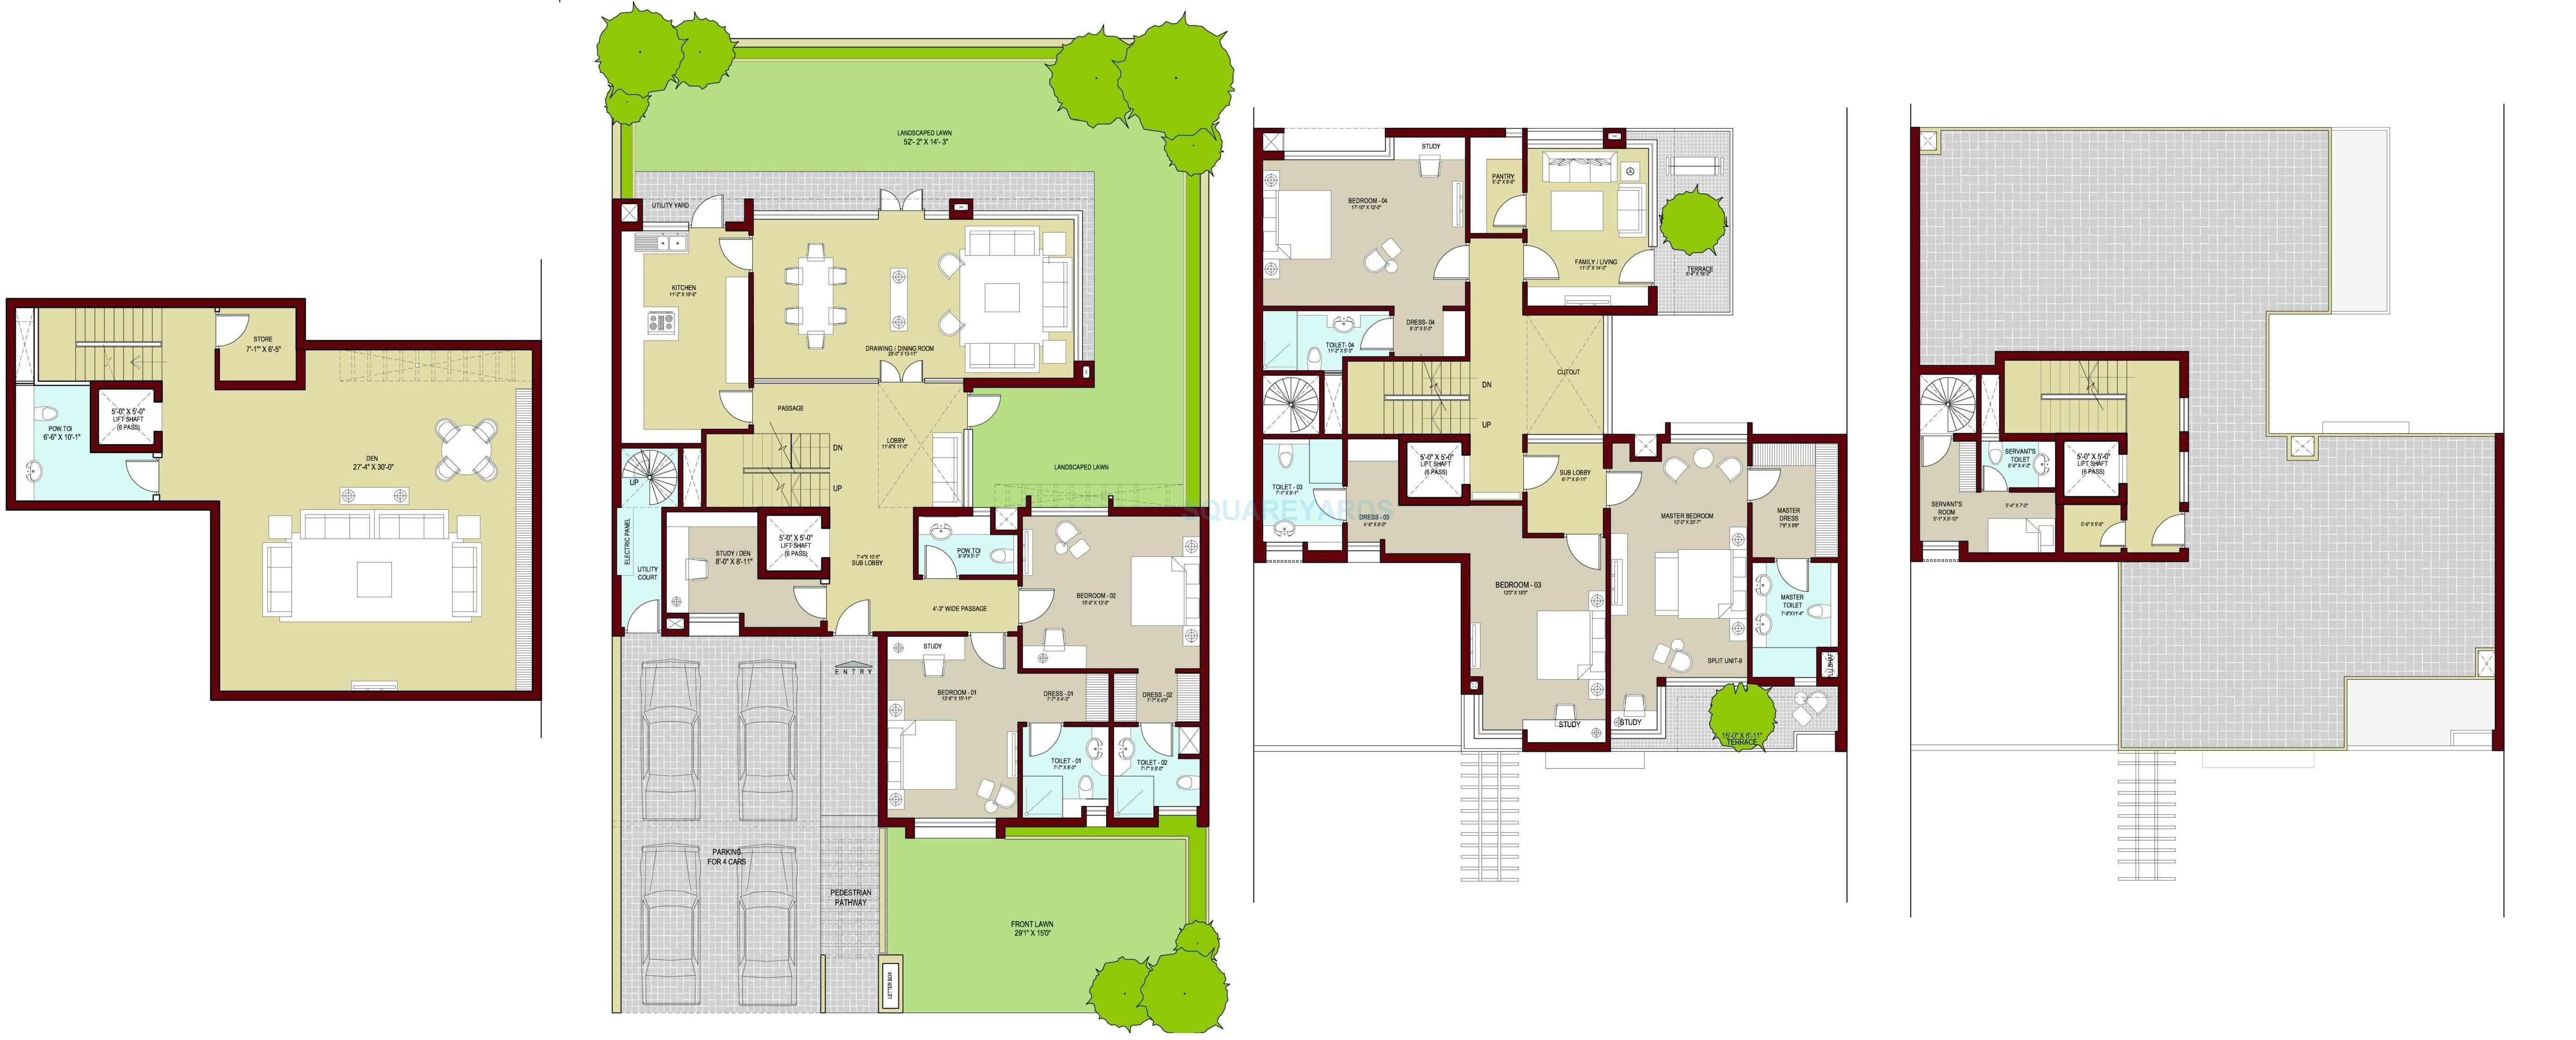 vatika signature villas villa492sqyds 5bhk 5574sqft 1